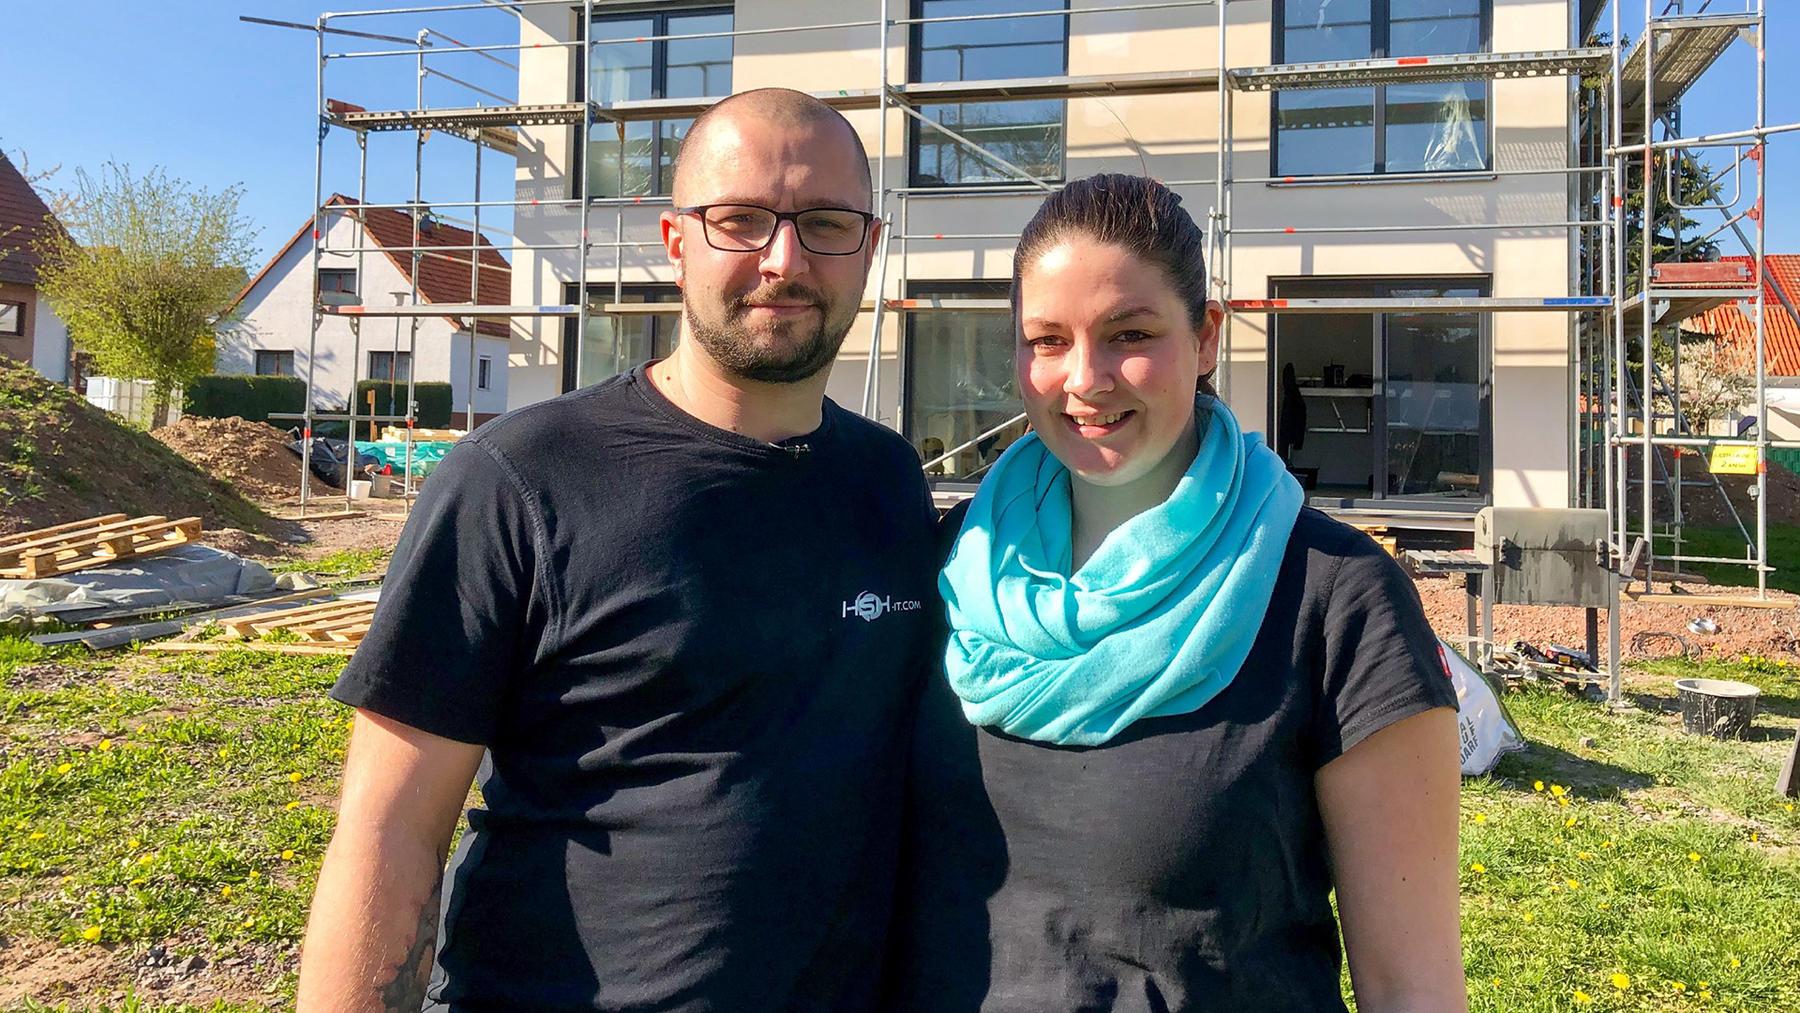 Heute u.a.: Ulrike und Simon und ihr Fertighaus!